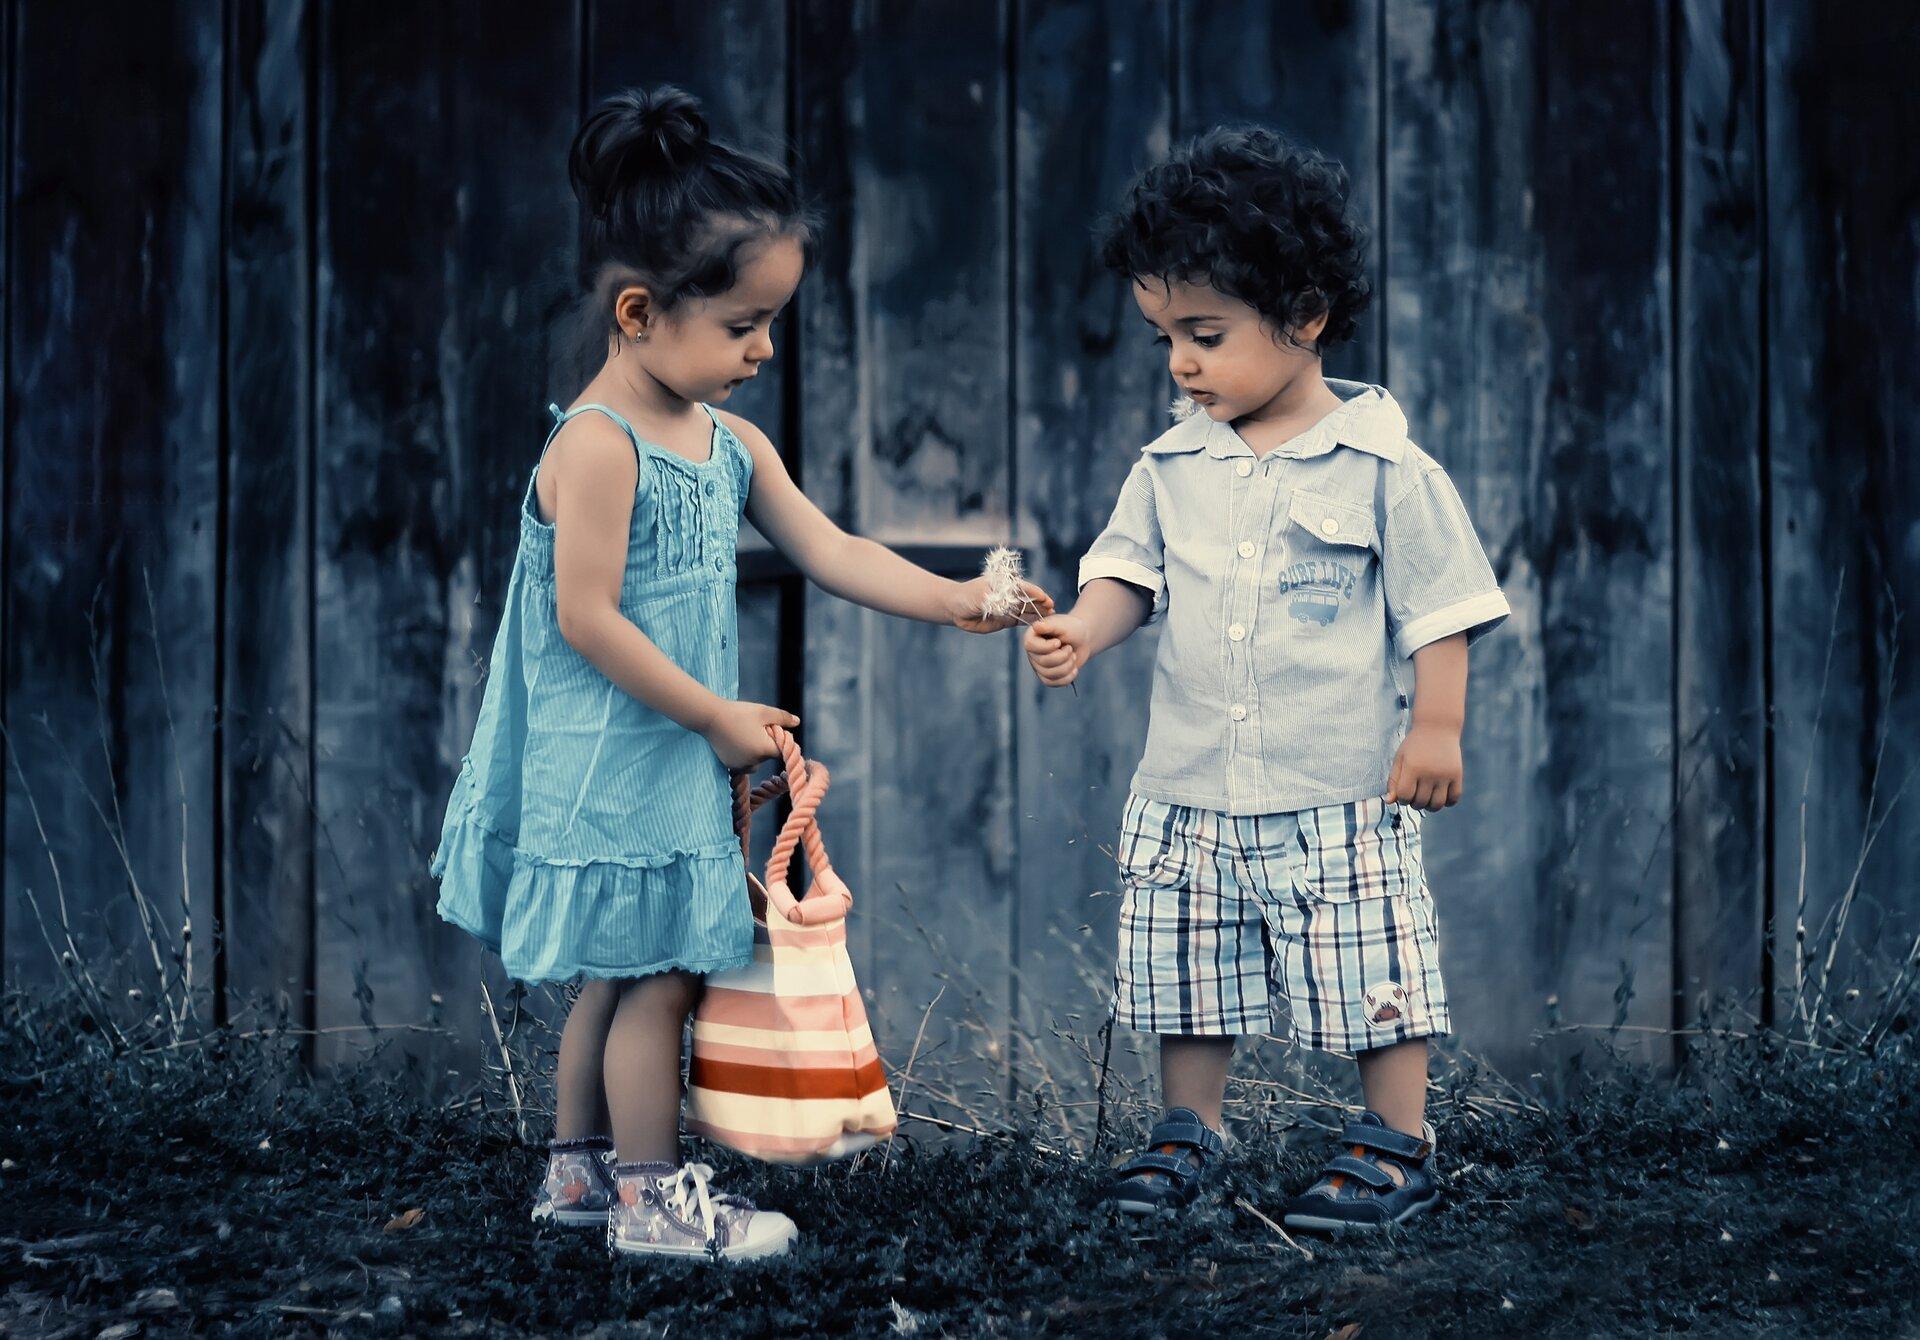 dzieci - jaki mają skarb Źródło: pixabay, licencja: CC 0.